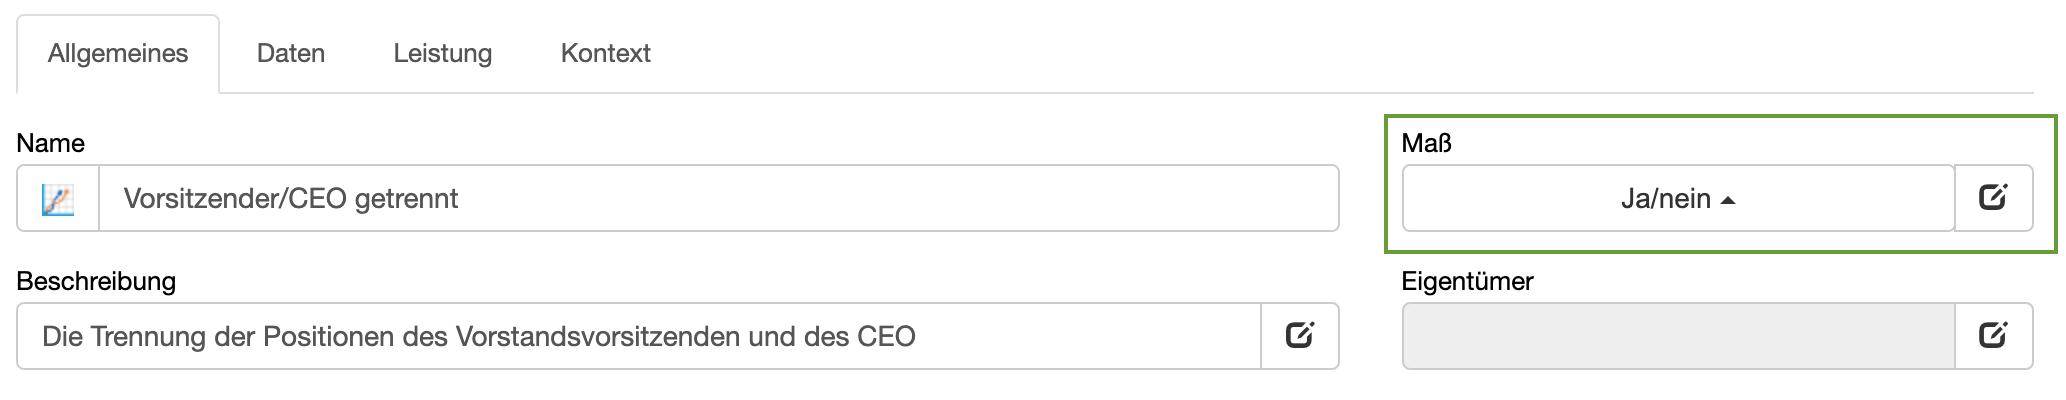 Beispiel für binäre Kennzahl: Trennung Vorsitzender/CEO